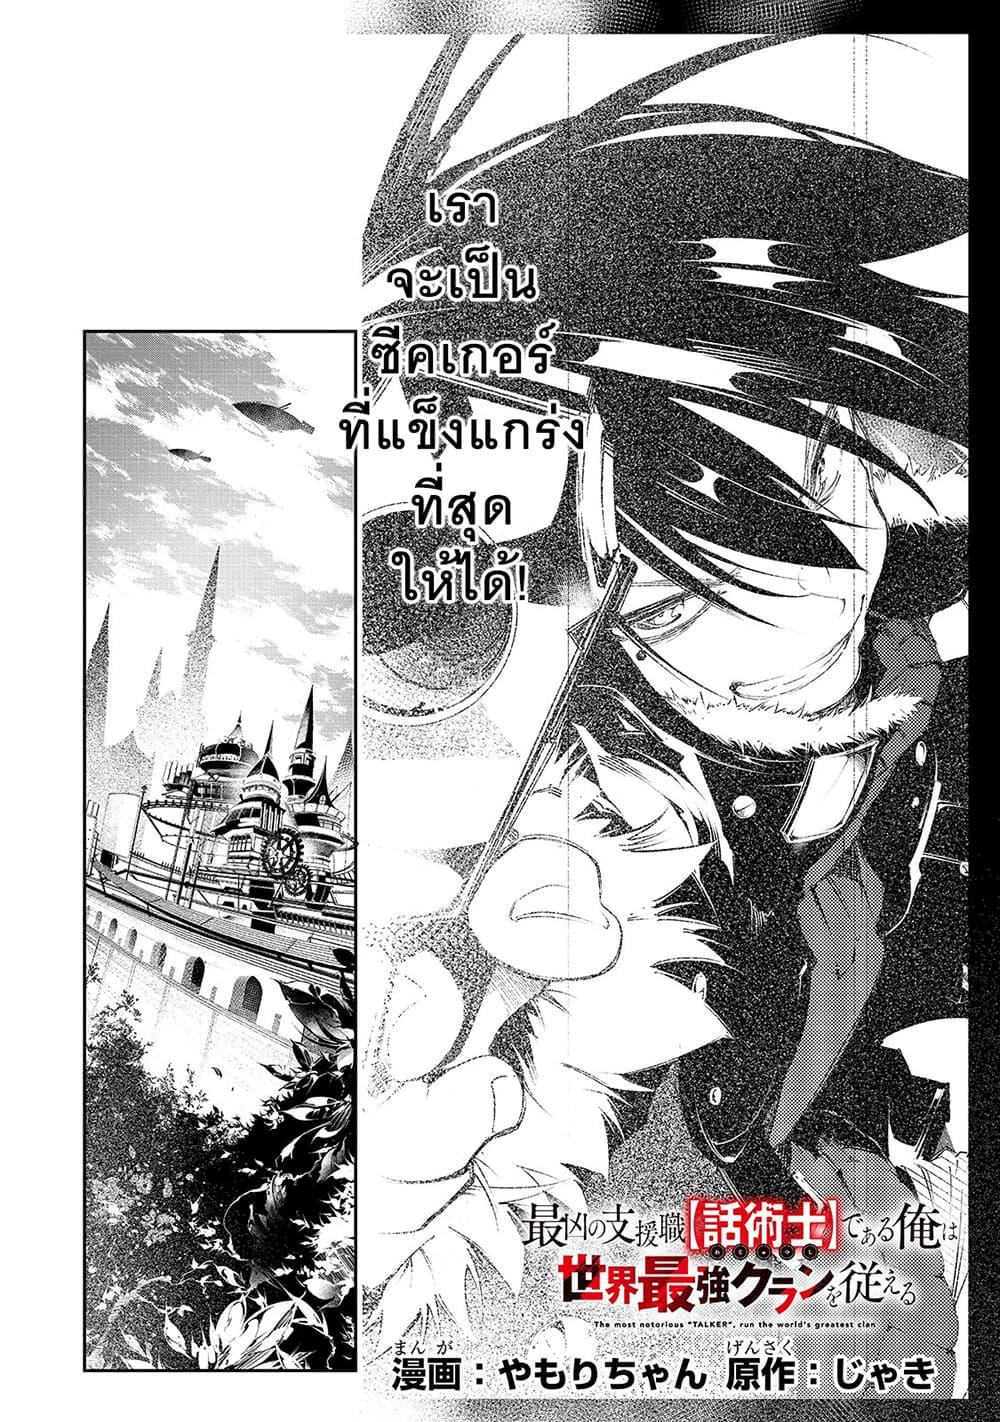 อ่านการ์ตูน Saikyou no Shien-shoku Wajutsushi Dearu Ore wa Sekai Saikyou Kuran o Shitagaeru ตอนที่ 2 หน้าที่ 3